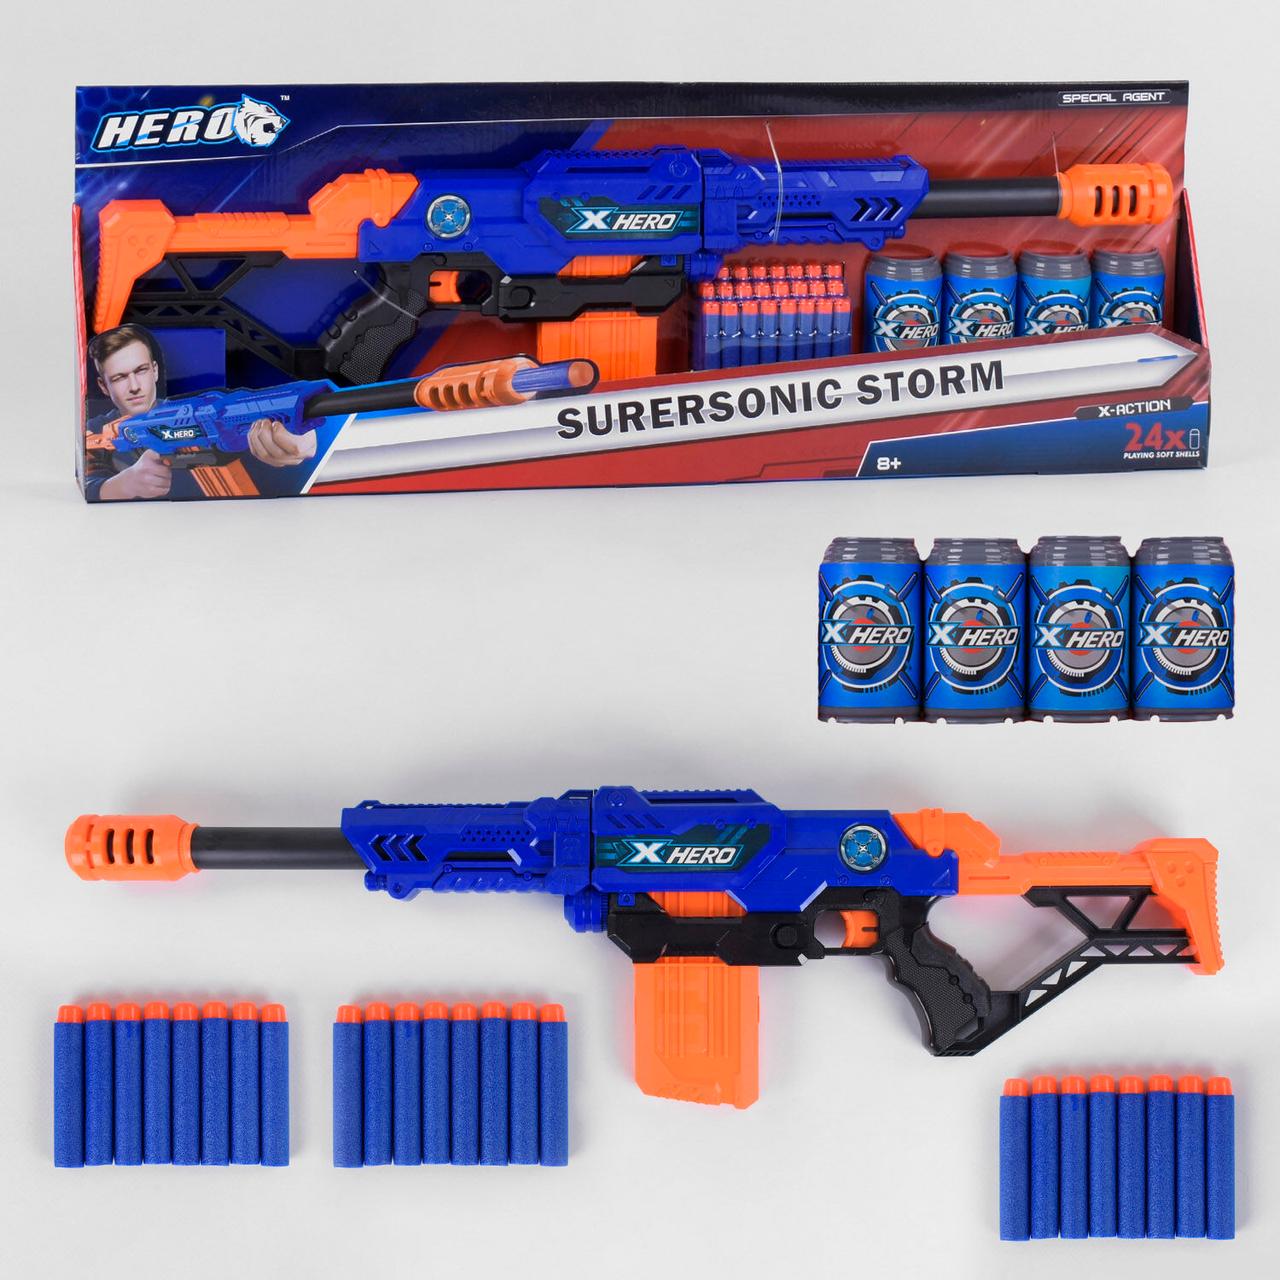 Автомат Blaze storm (Nerf / Нерф) BT 8058 (синий) с мишенью и обоймой для боеприпасов